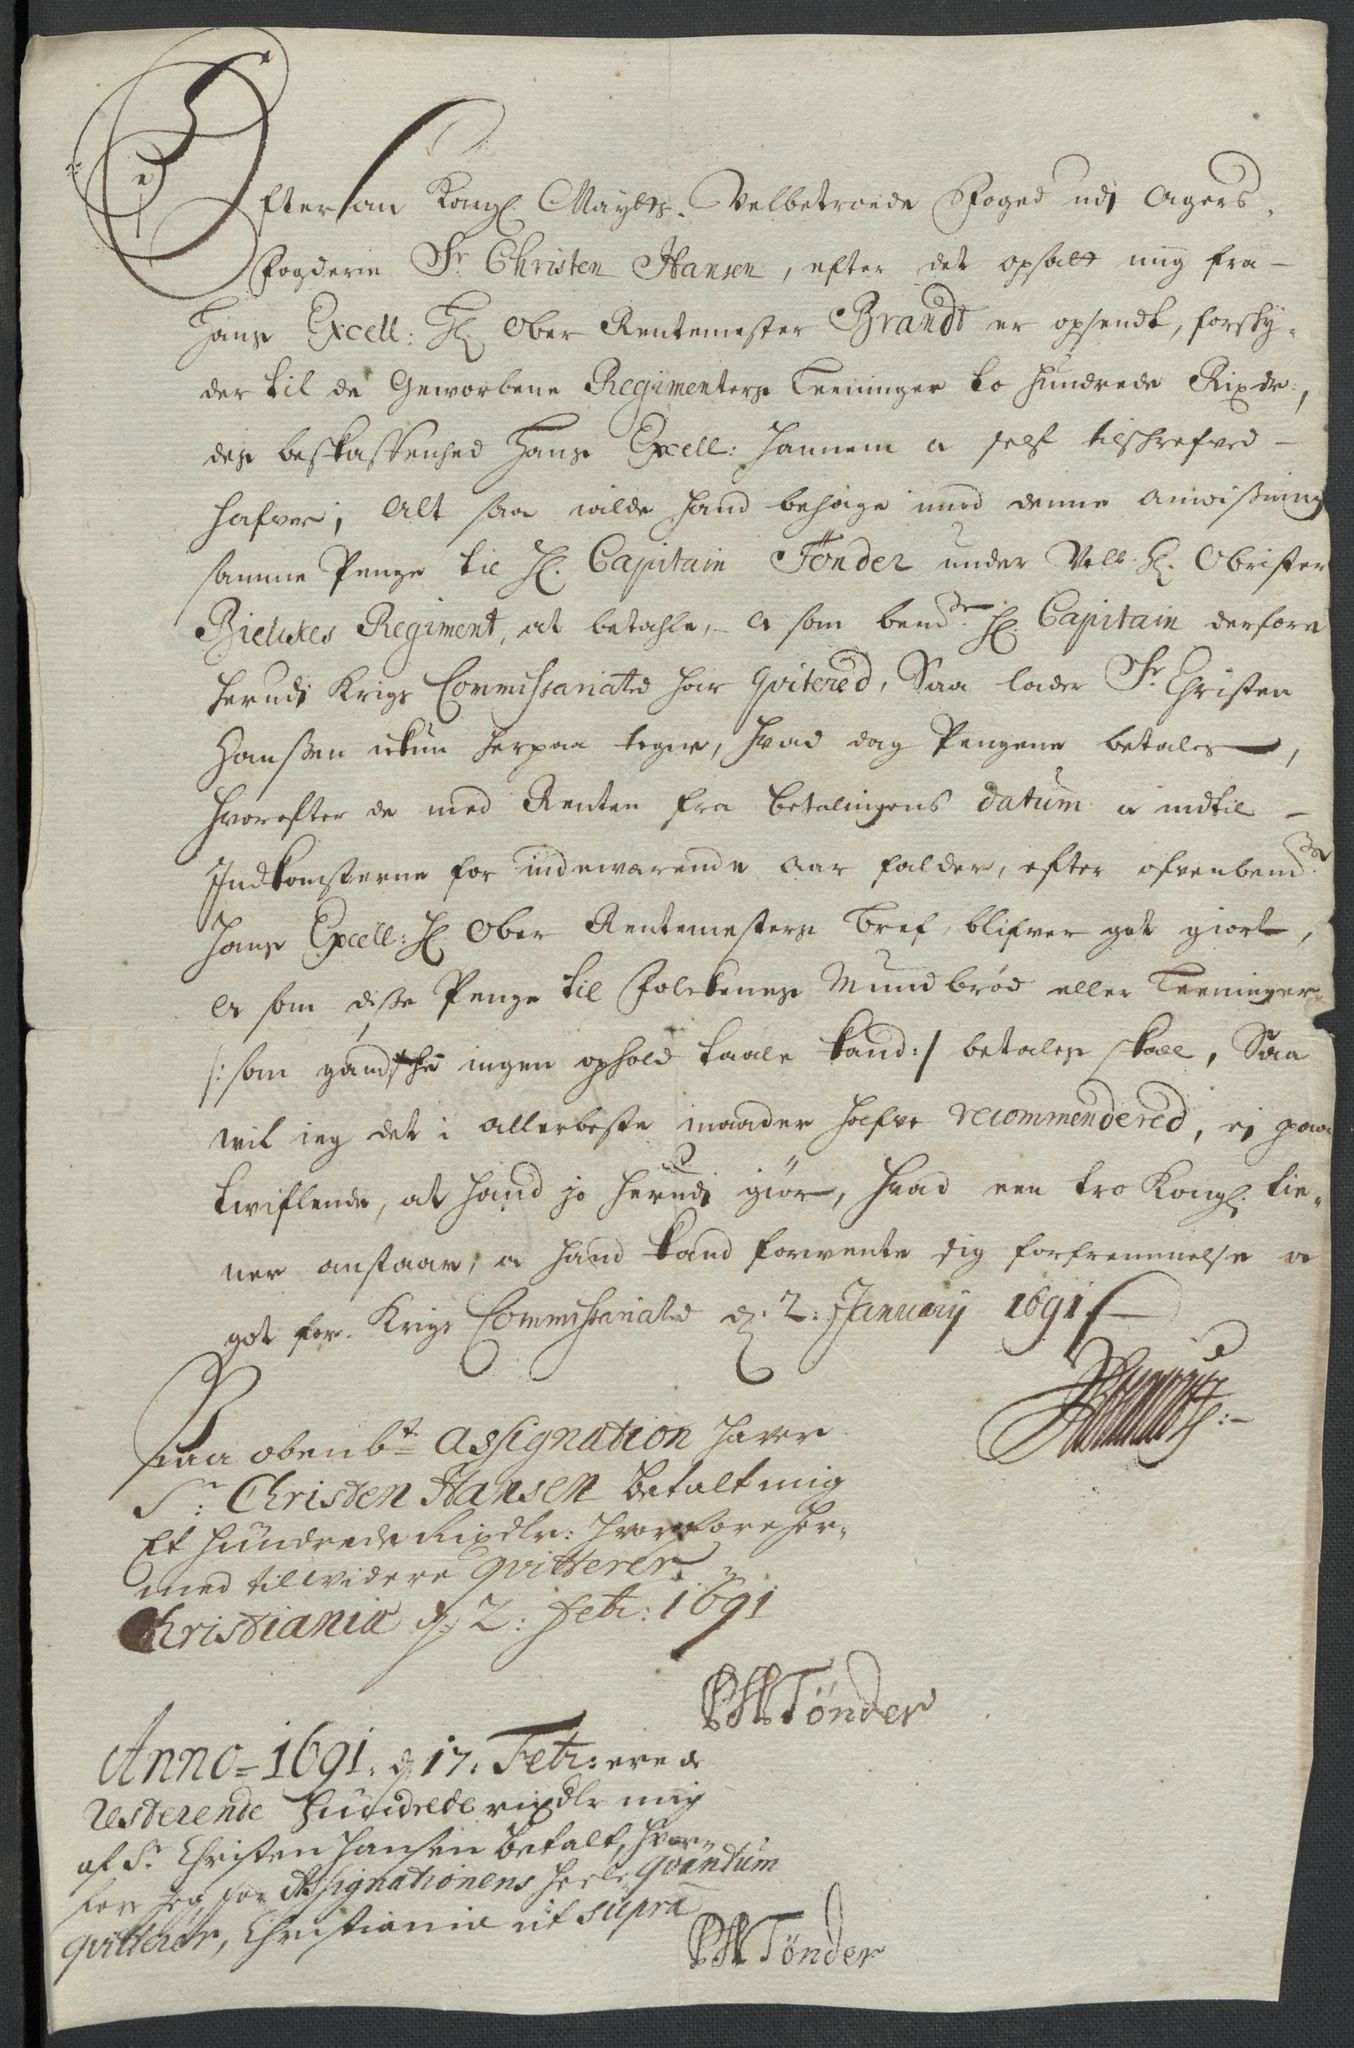 RA, Rentekammeret inntil 1814, Reviderte regnskaper, Fogderegnskap, R08/L0425: Fogderegnskap Aker, 1690-1691, s. 67